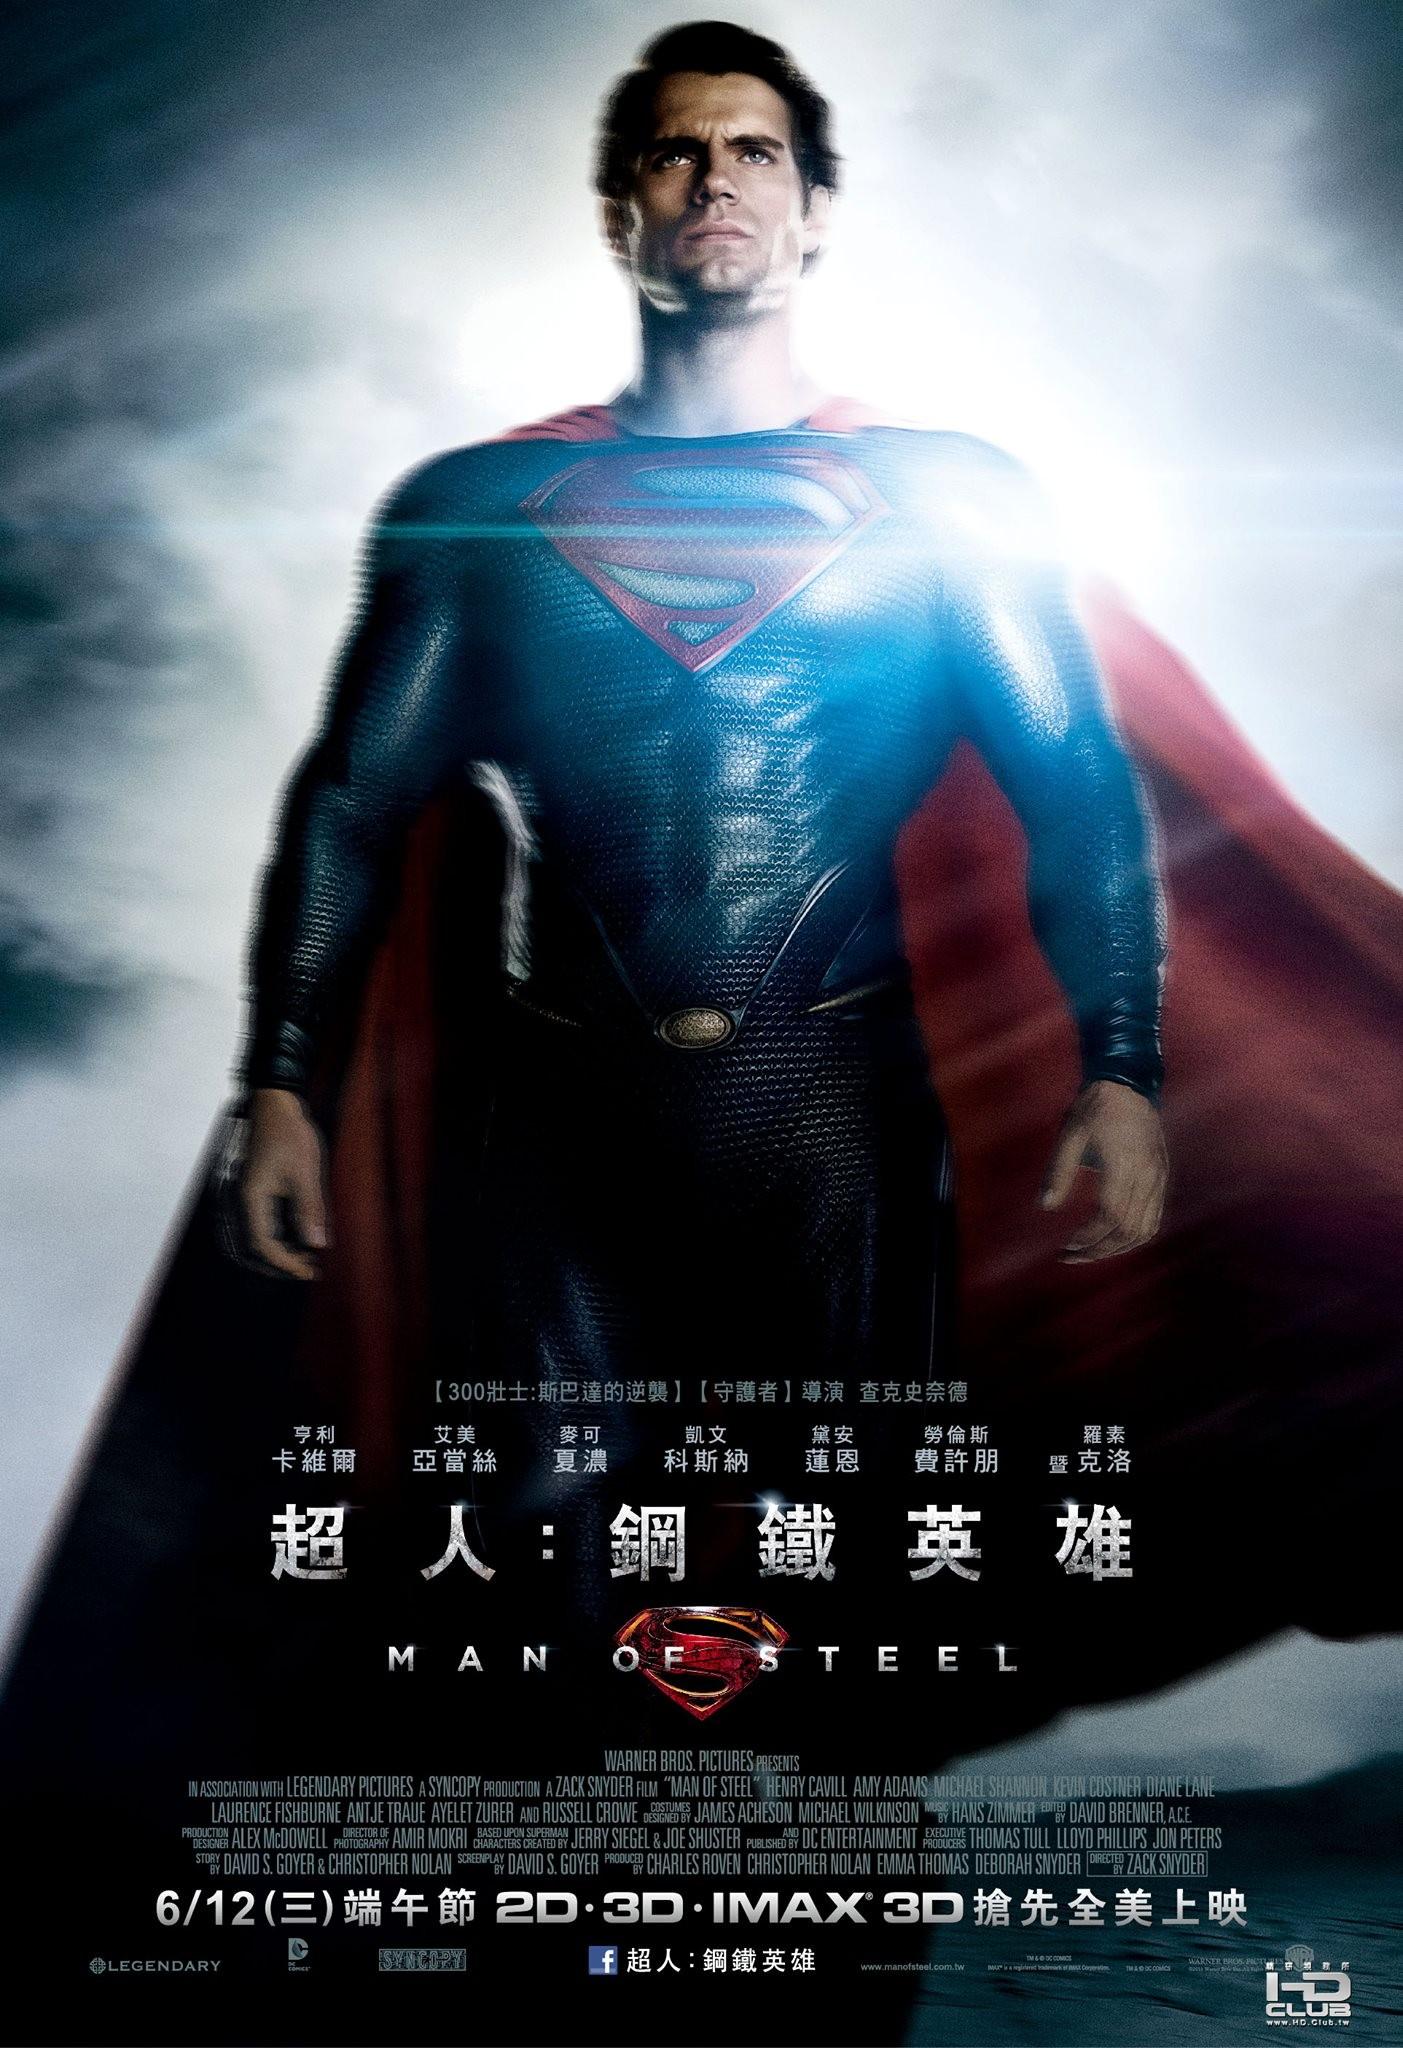 超人: 鋼鐵英雄 Man Of.Steel